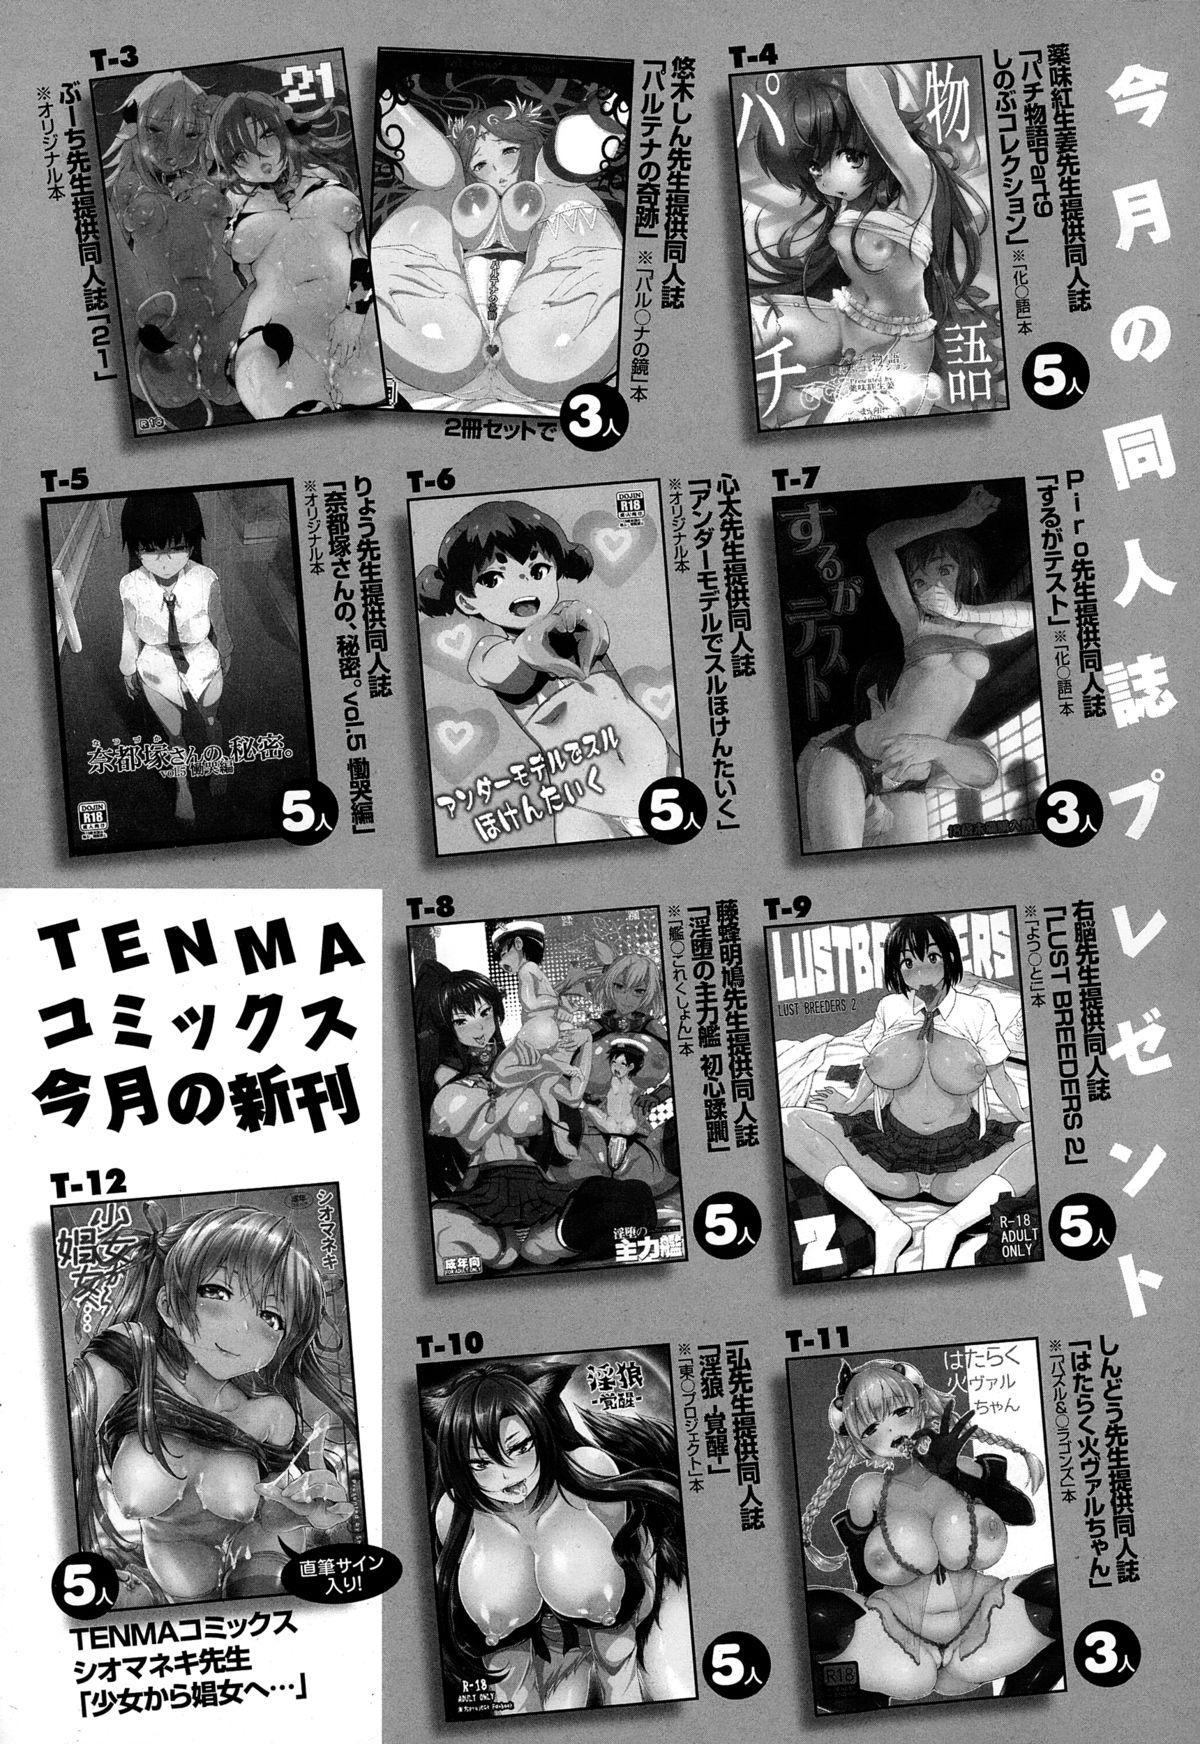 COMIC Tenma 2015-02 453